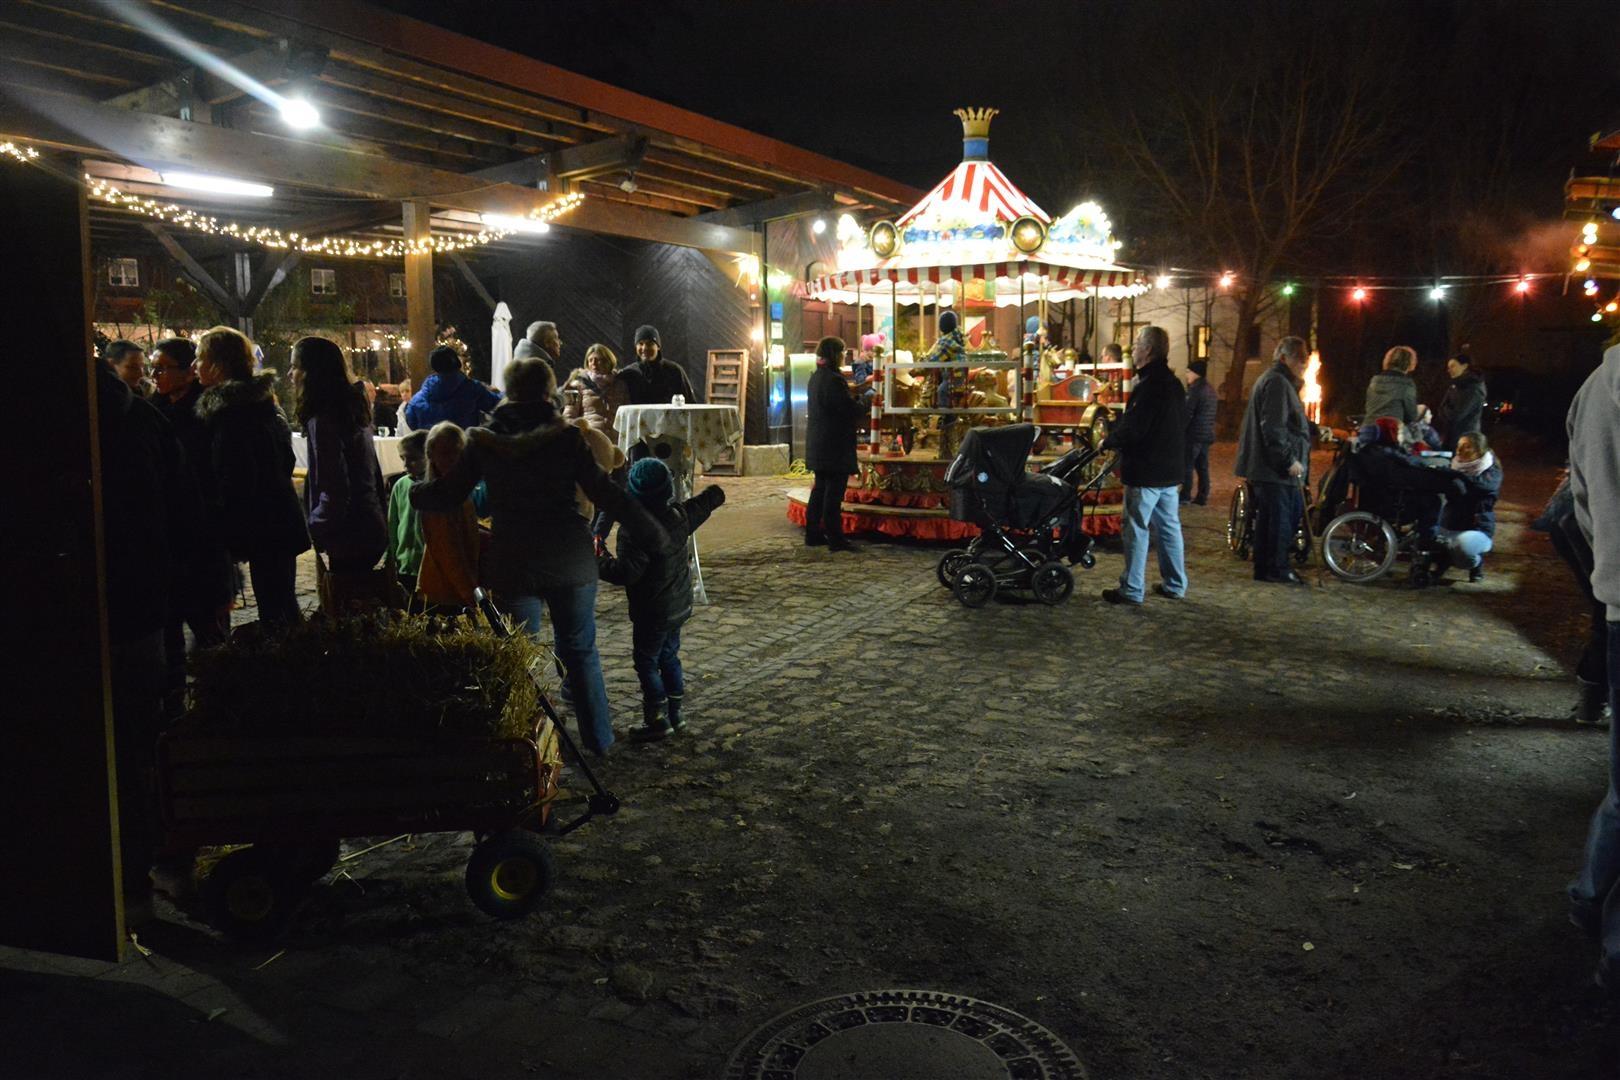 Familien-Weihnacht im Kinderhospiz Sterntaler